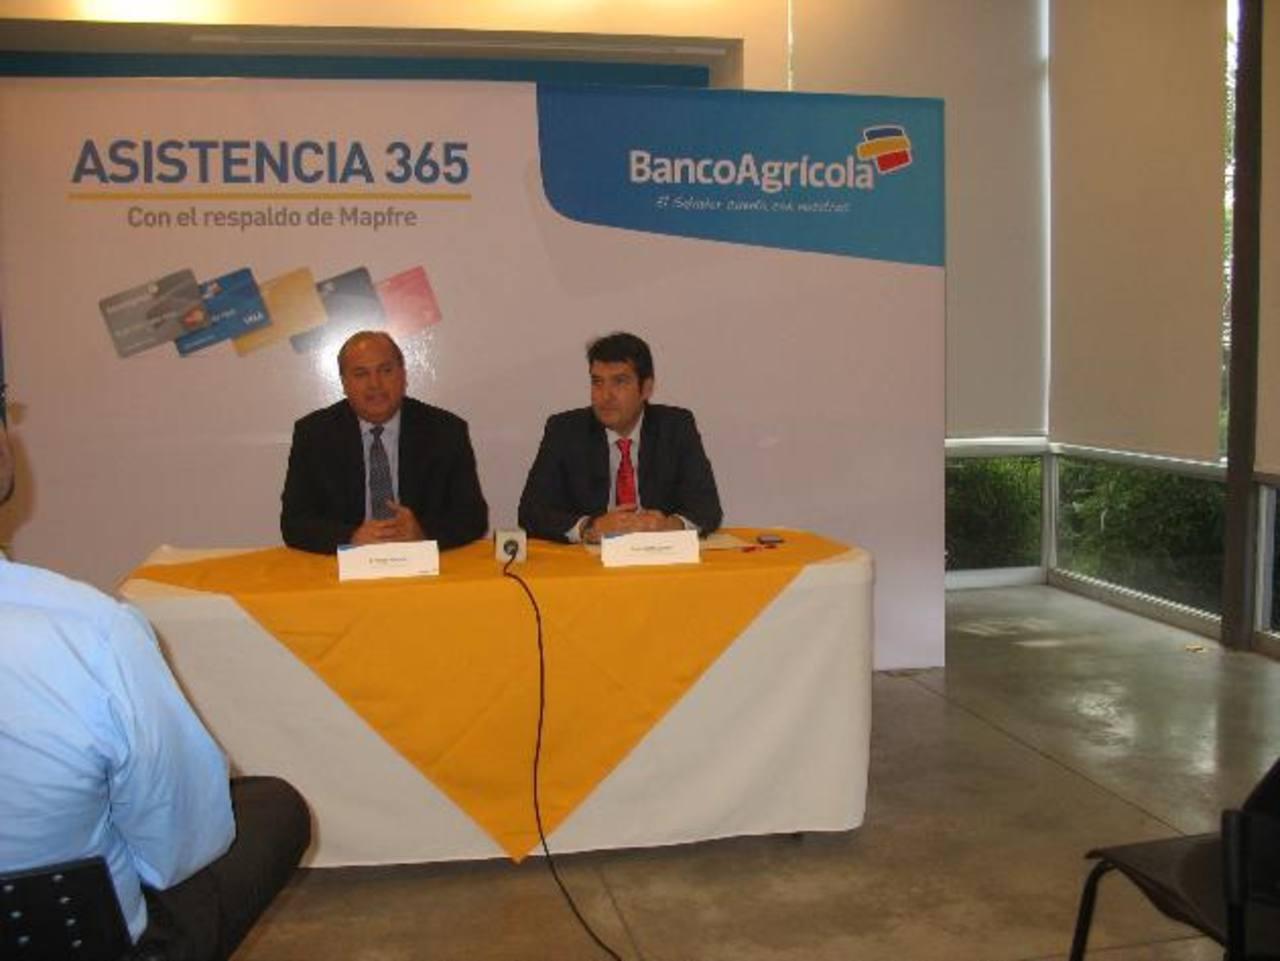 Representantes de Banco Agrícola presentaron nuevo servicio. Foto EDH / Cortesía